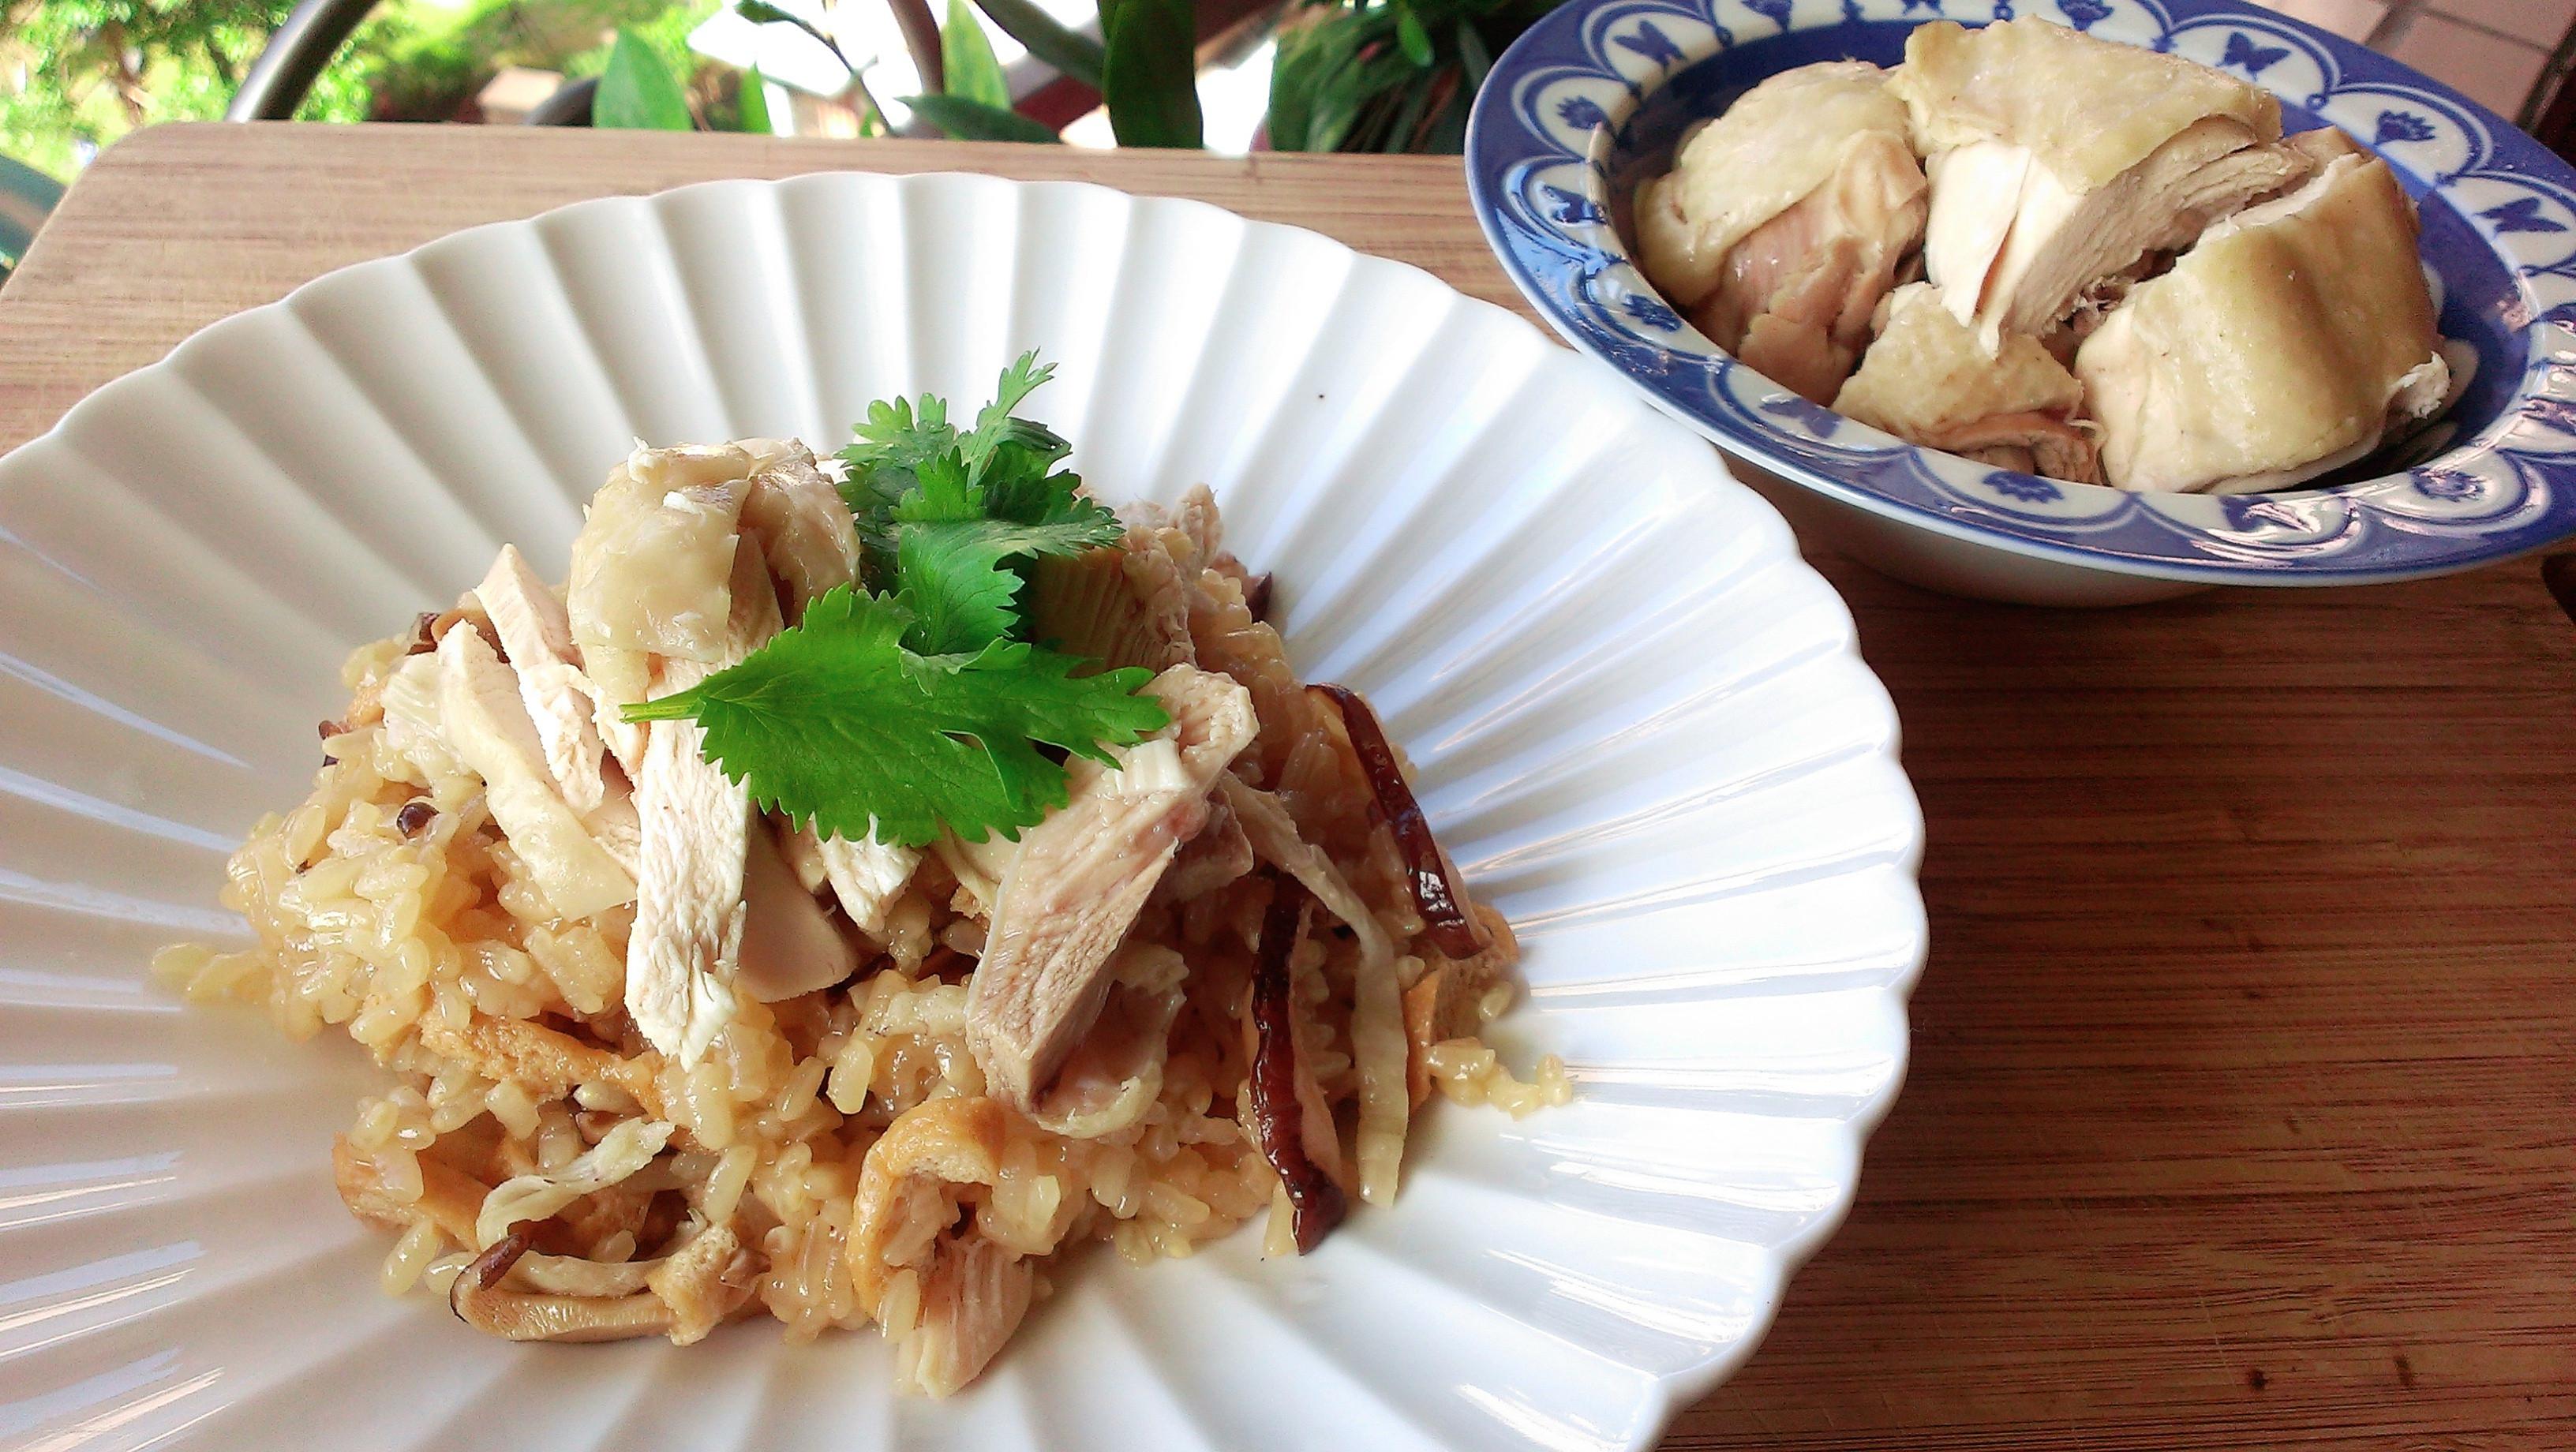 桂丁雞炊飯 『桂丁土雞創意吃』